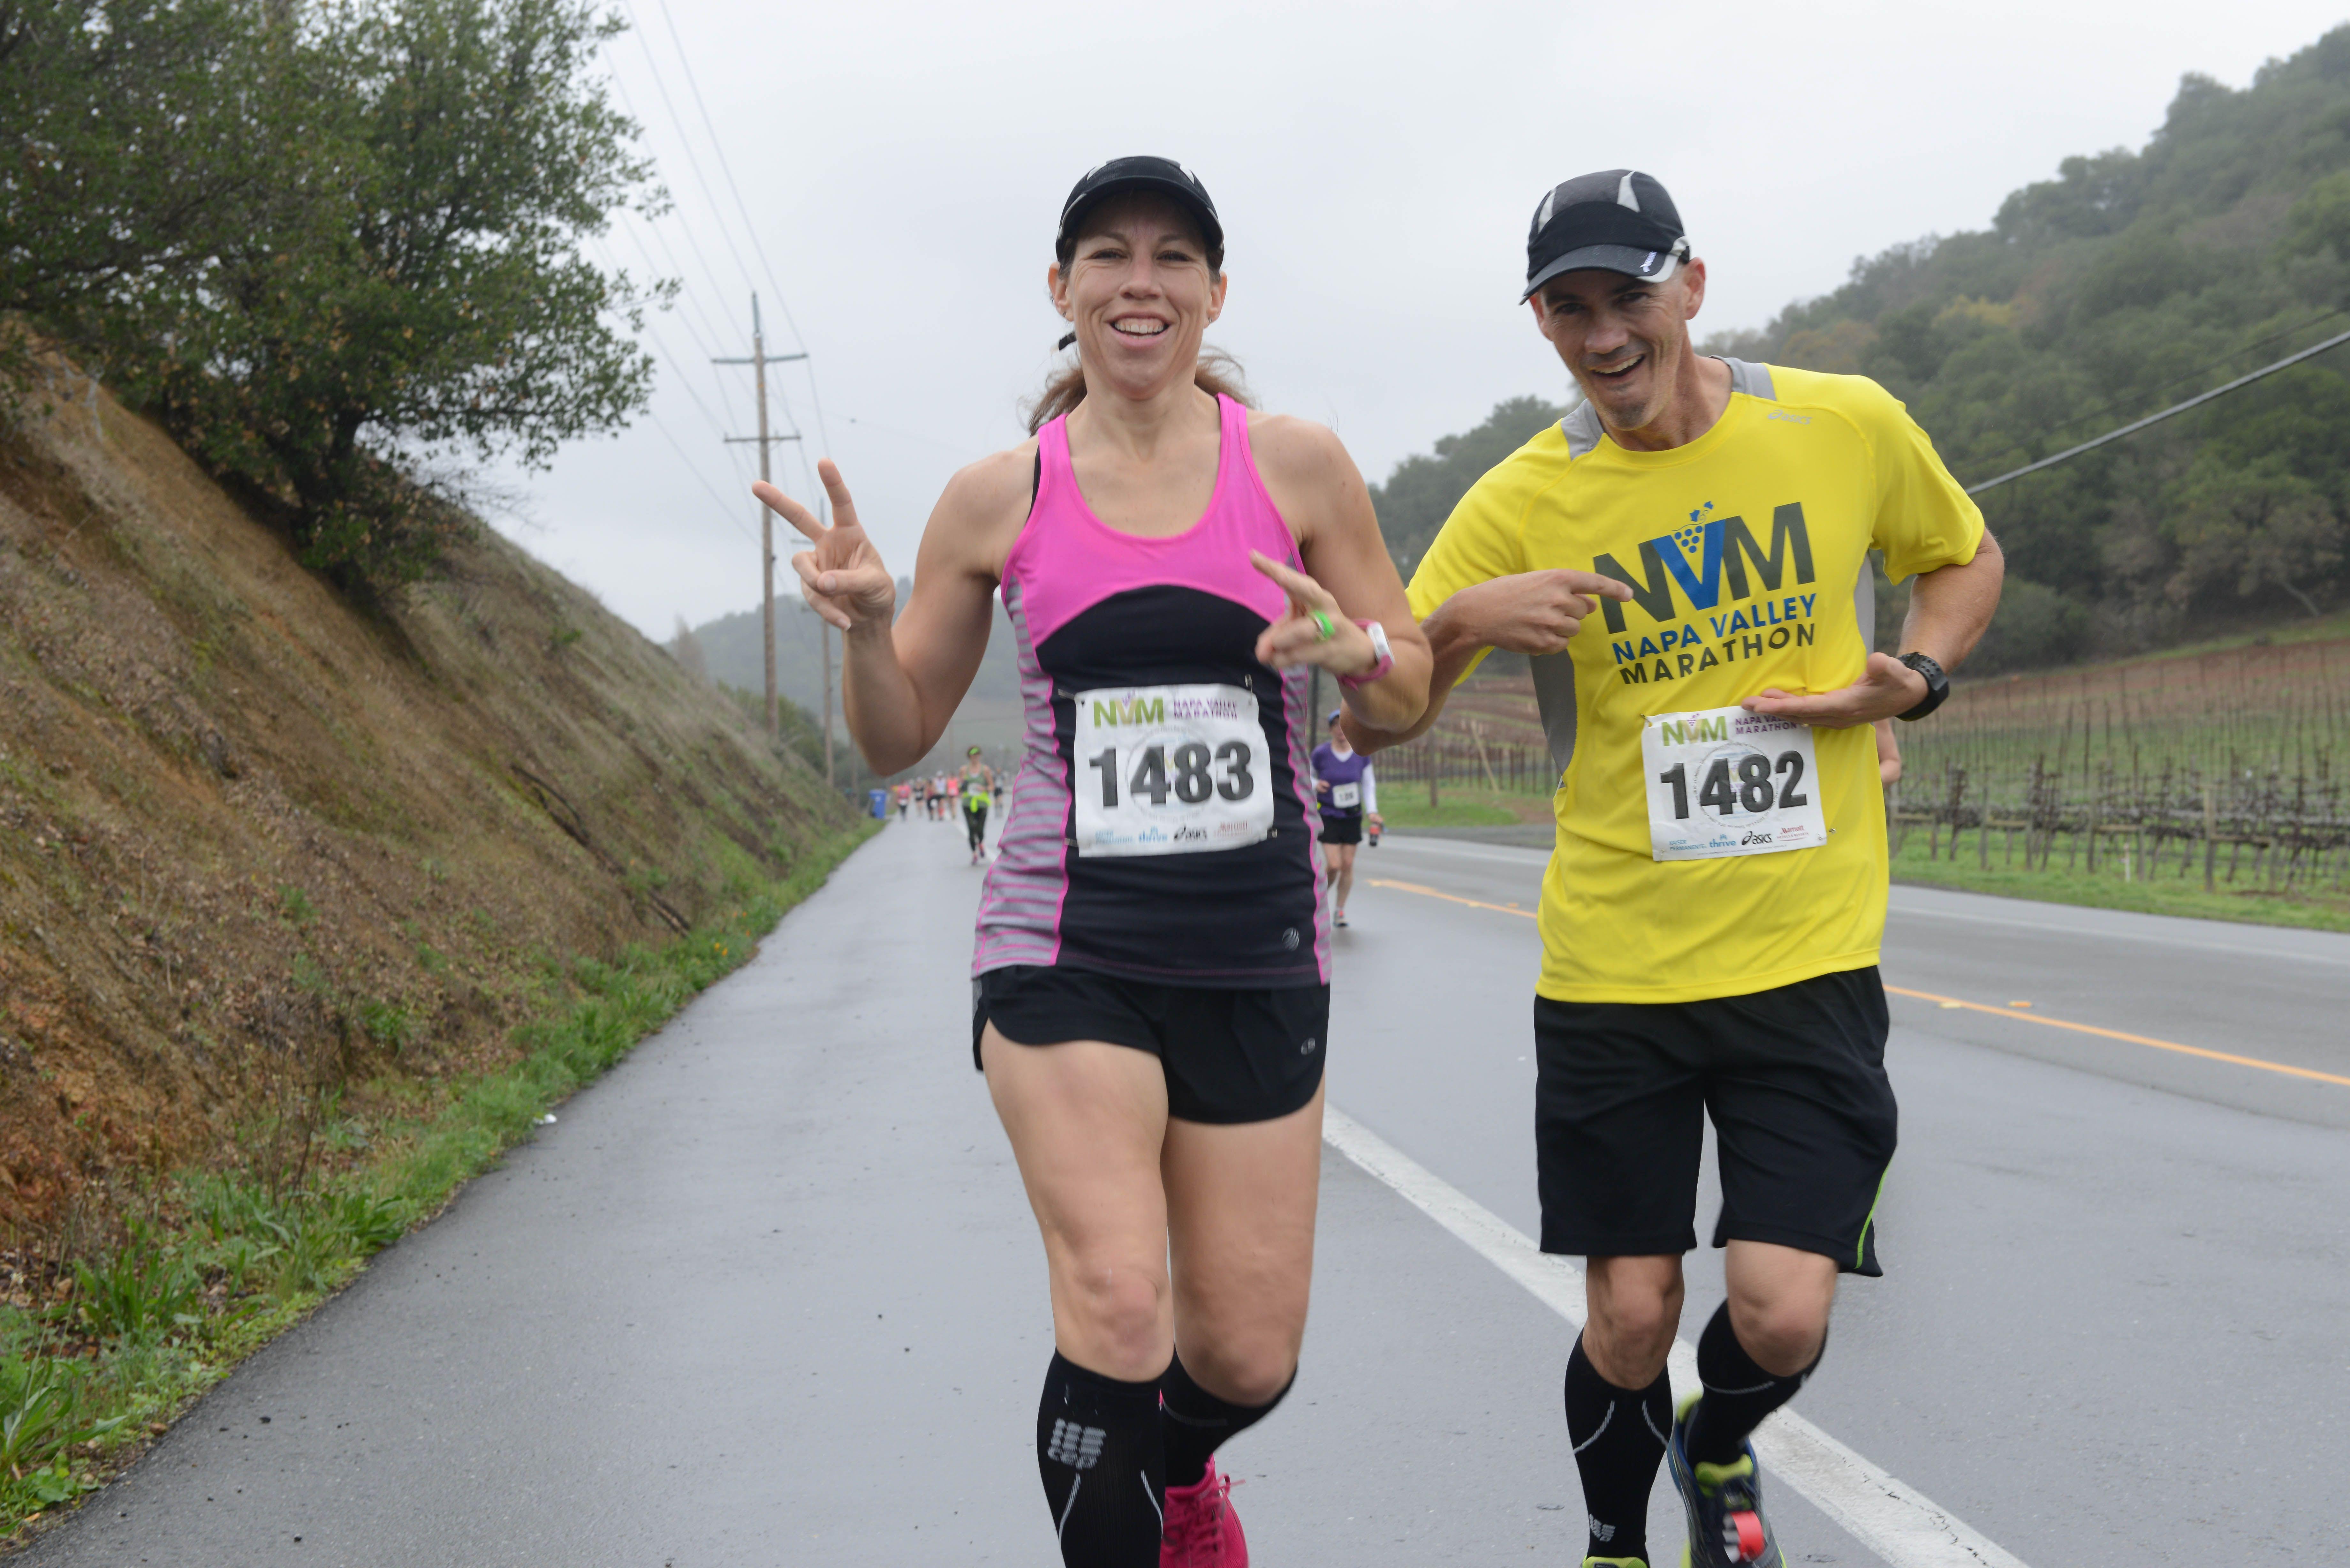 Los corredores del maratón del Valle de Napa sonriendo para la cámara